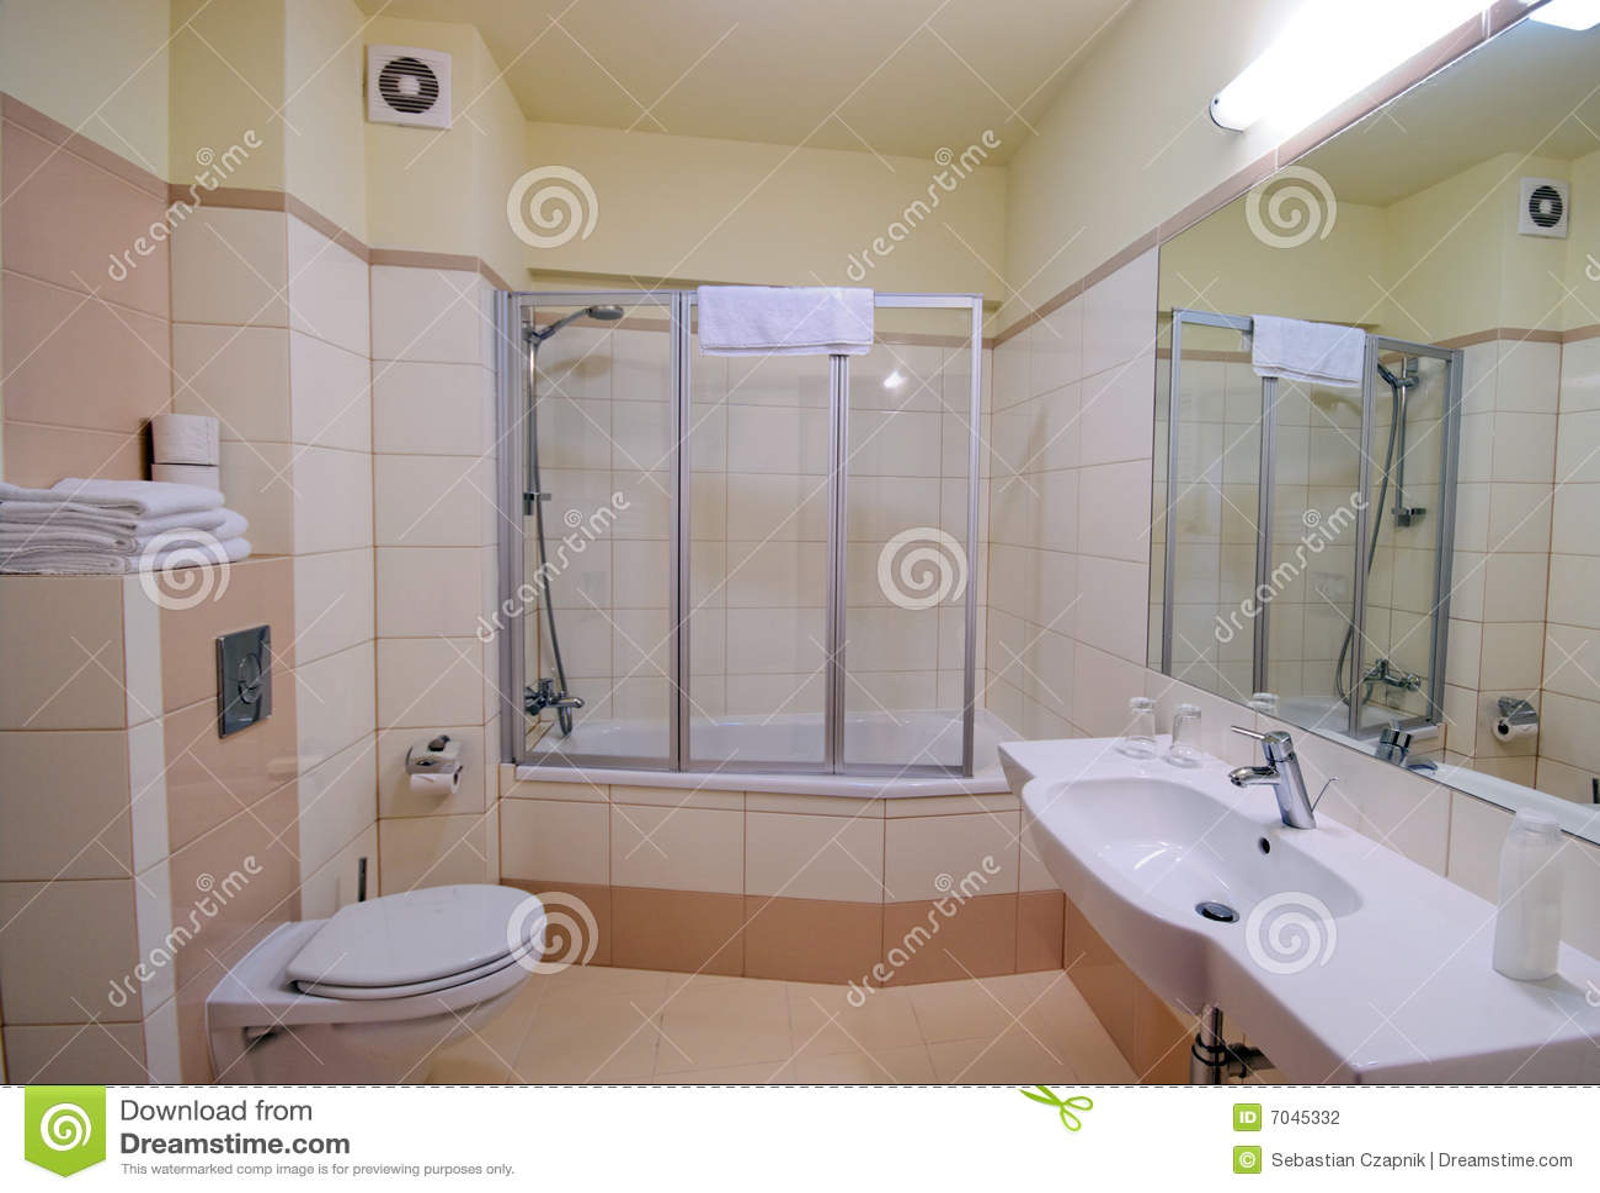 cabinas de ducha de la ducha del cuarto de bao fotografa de archivo u imagen cabinas de ducha ferrum